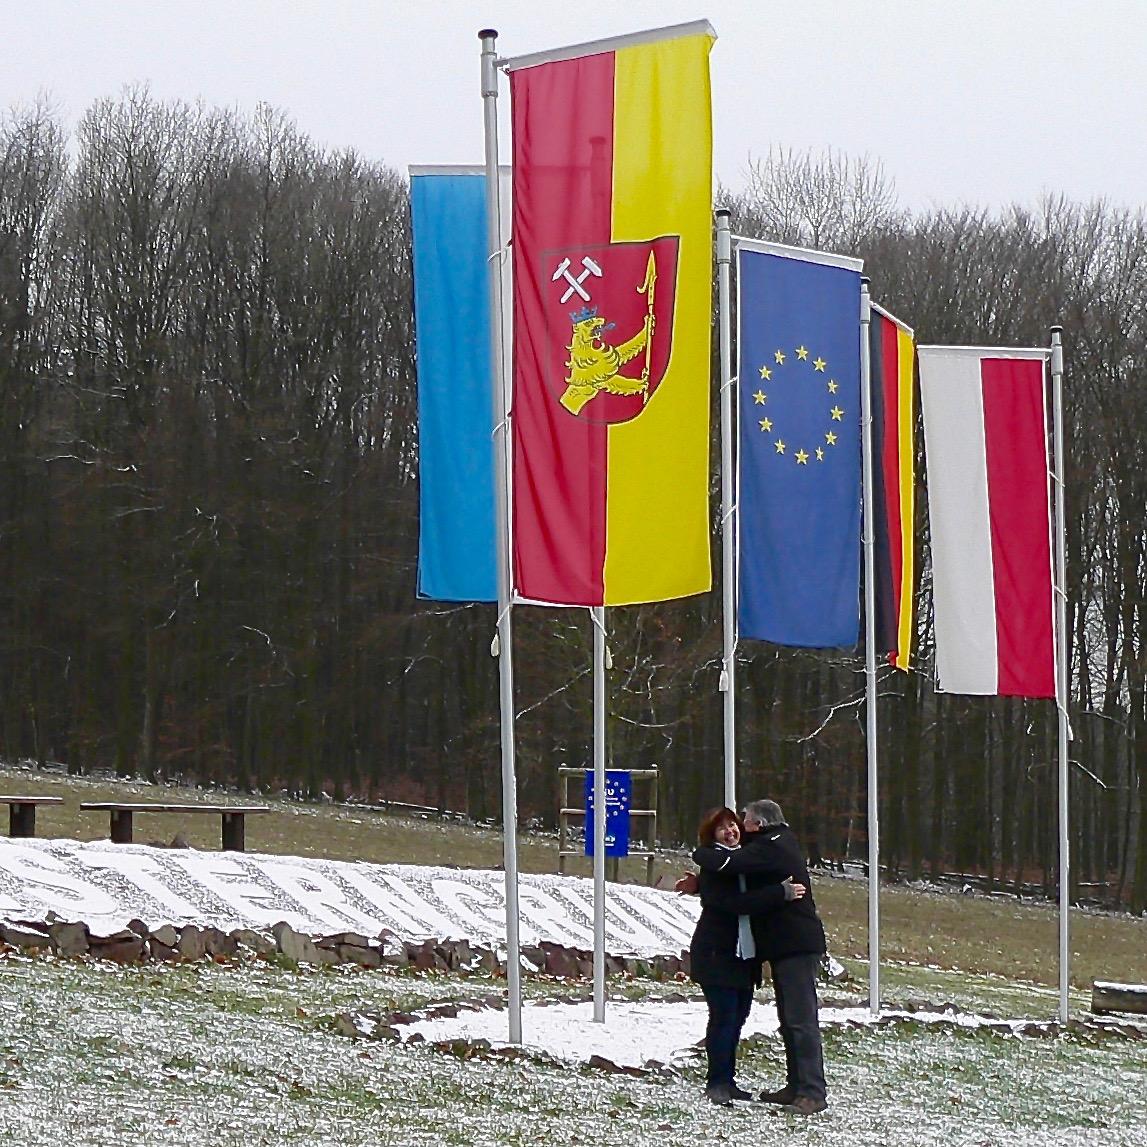 Der Mittelpunkt der Europäischen Union liegt seit 1.7.2013 in der Gemeinde Westerngrund im Landkreis Aschaffenburg. | Foto: B. Schneider